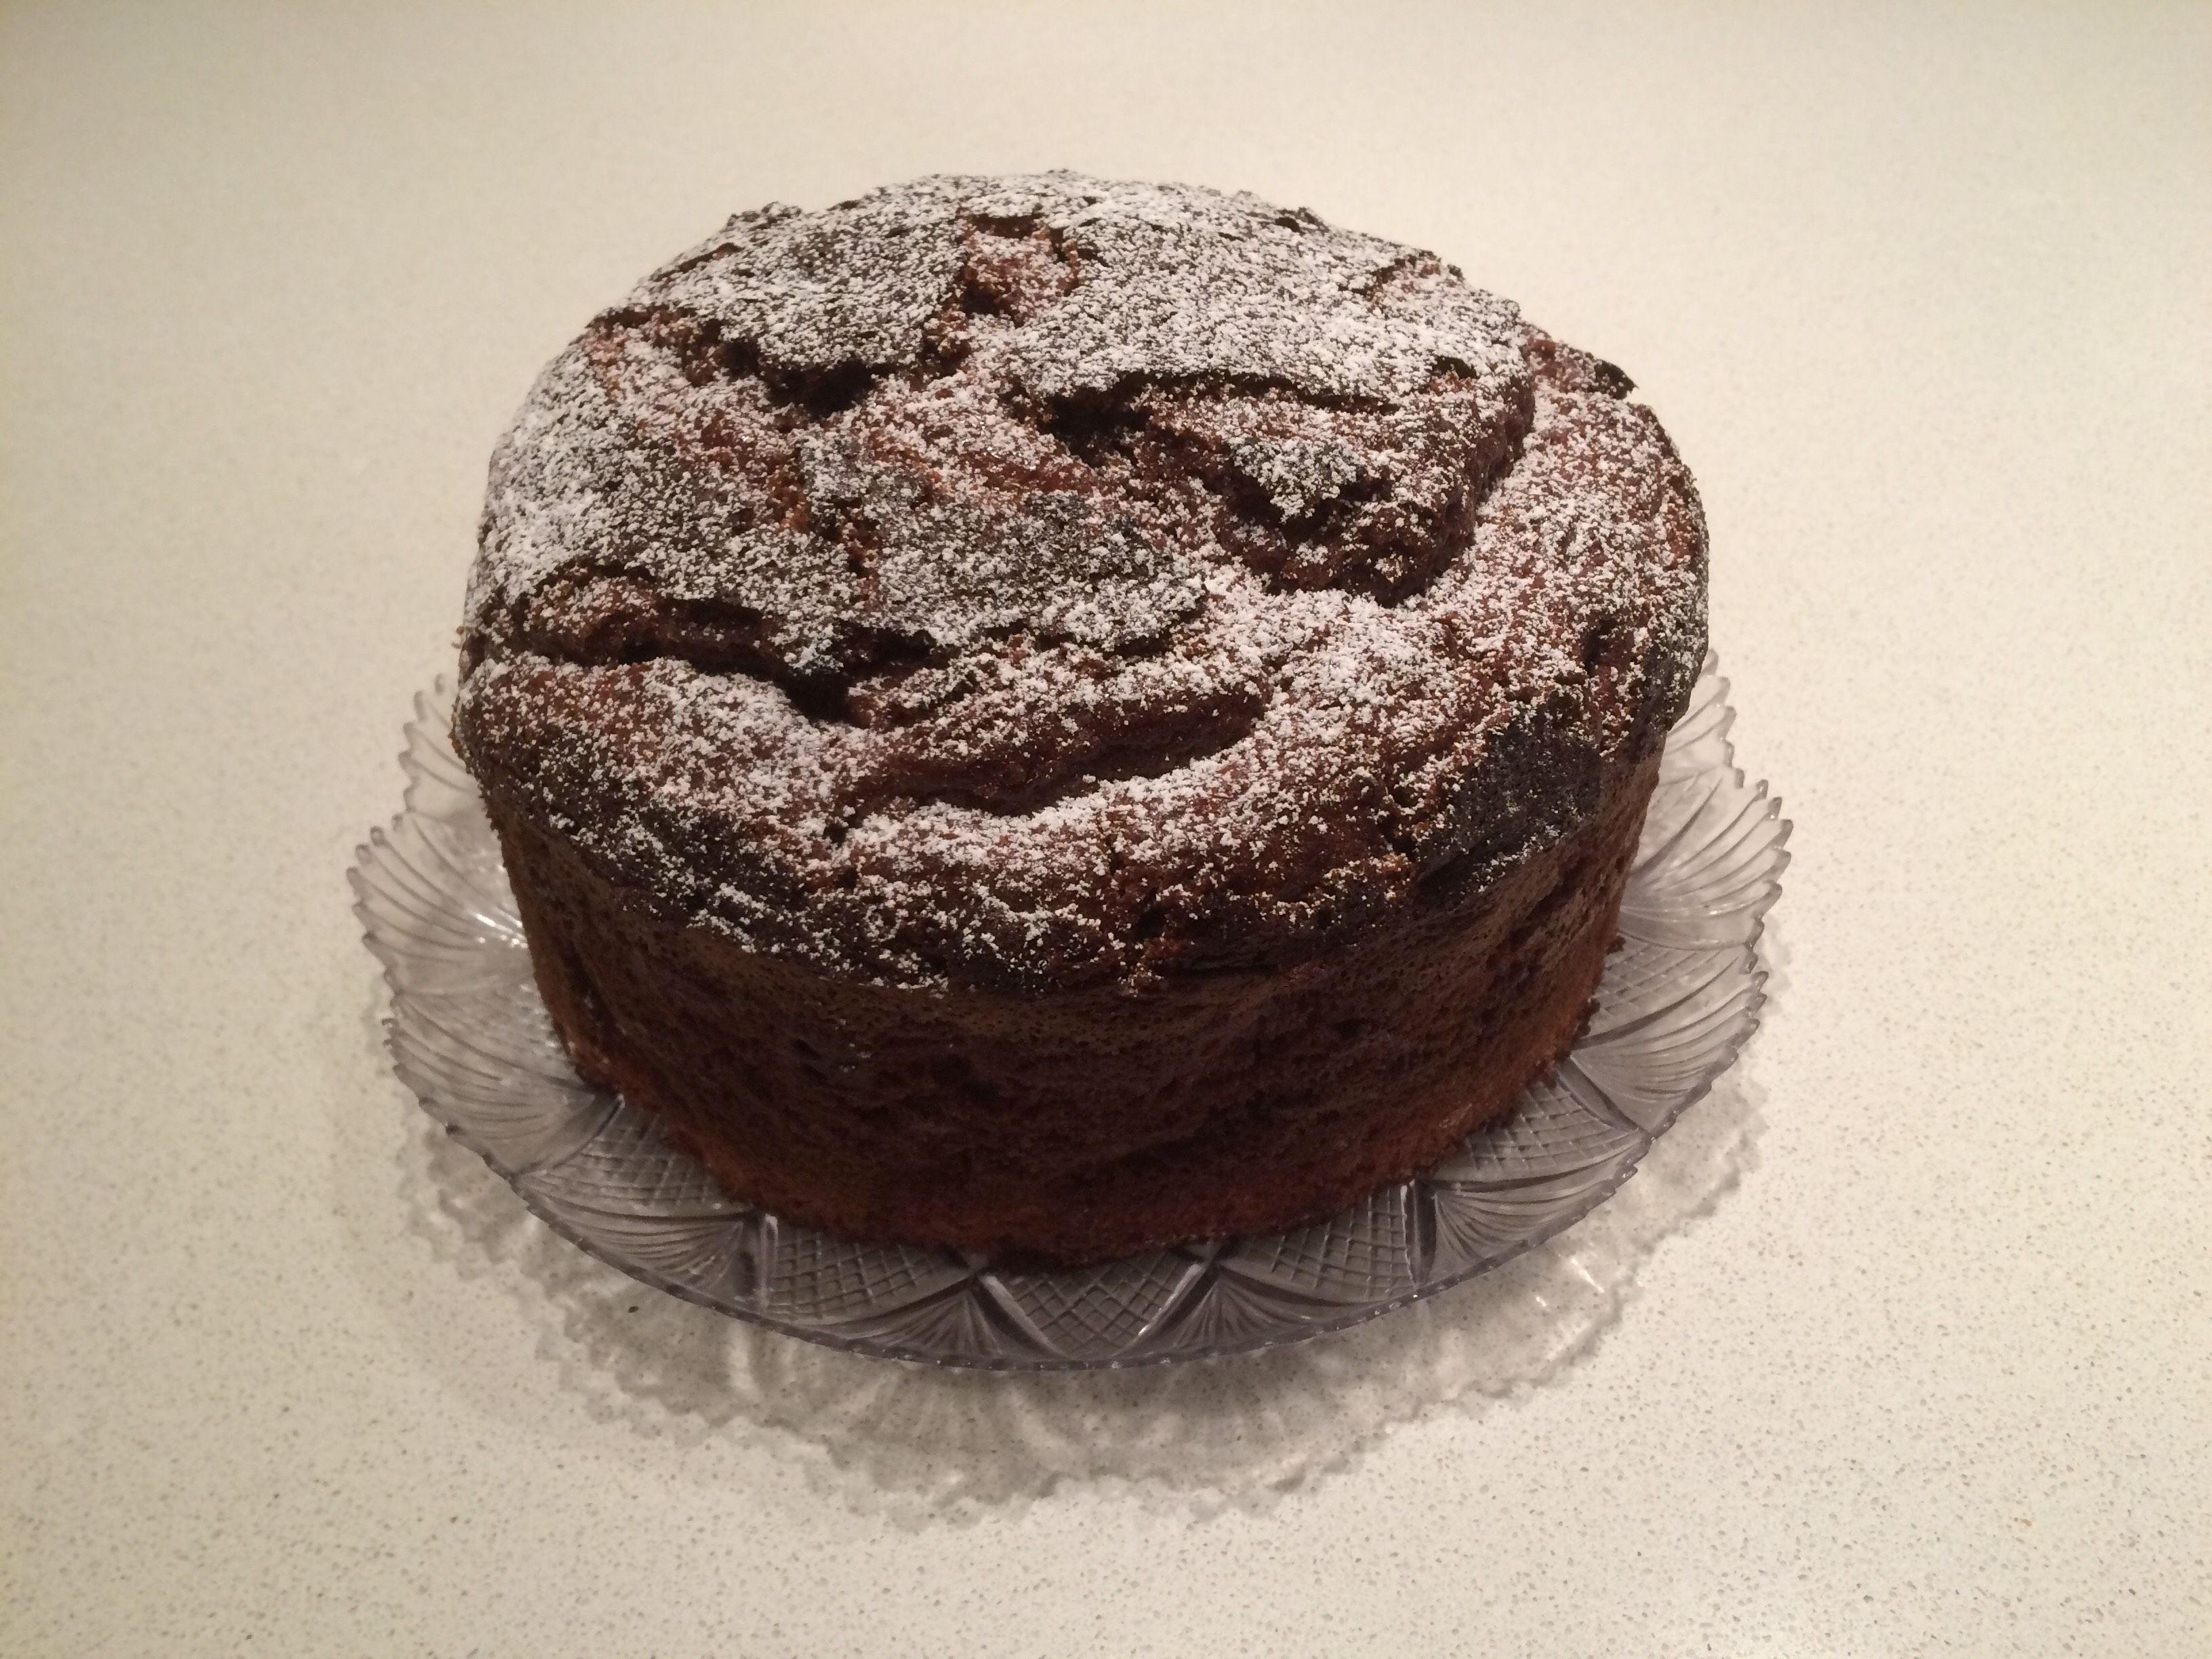 Torta Con Amido Di Mais Senza Uova.Torta Soffice Al Cacao L Uso Della Maizena Dona Leggerezza